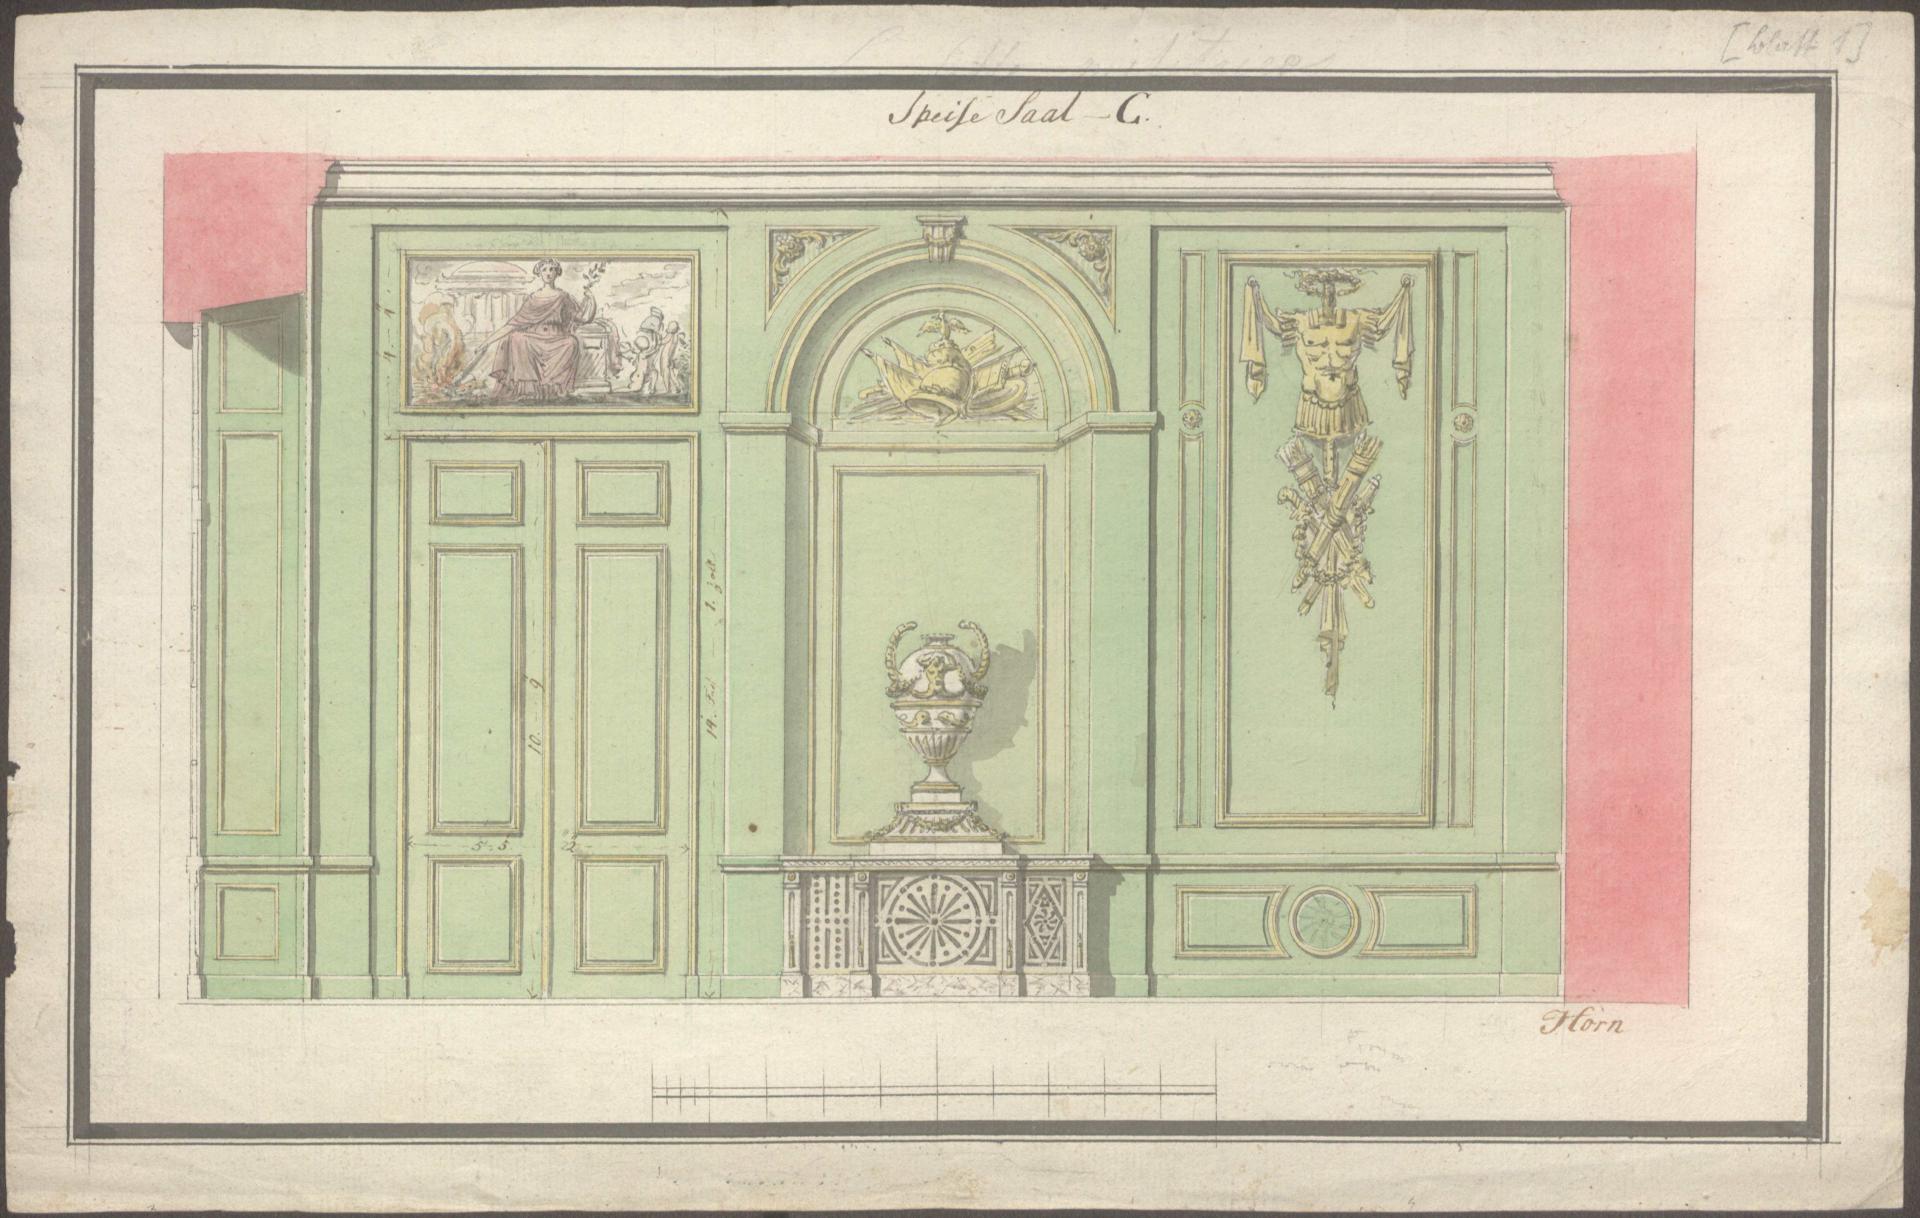 Carl Gottlob Horn: Wandaufrisse für das Tafelzimmer, Wandsbek, 1776 (Staatsarchiv Hamburg, 720-1/152-01=07_635.001)